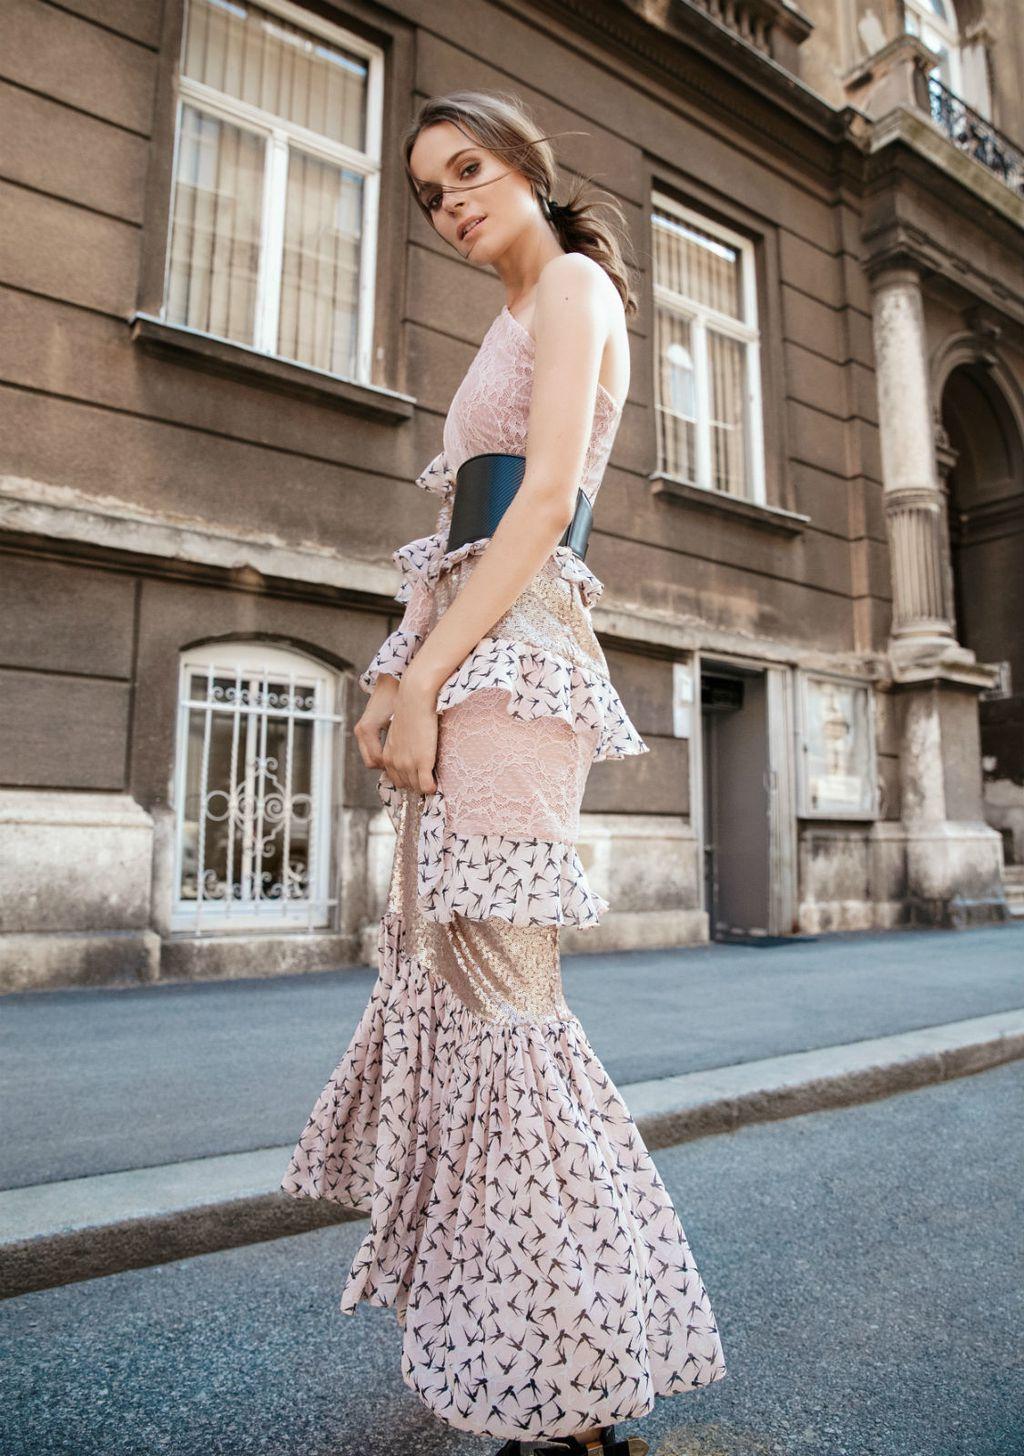 Nova kolekcija modne dizajnerice Marine Larie Matić - 10